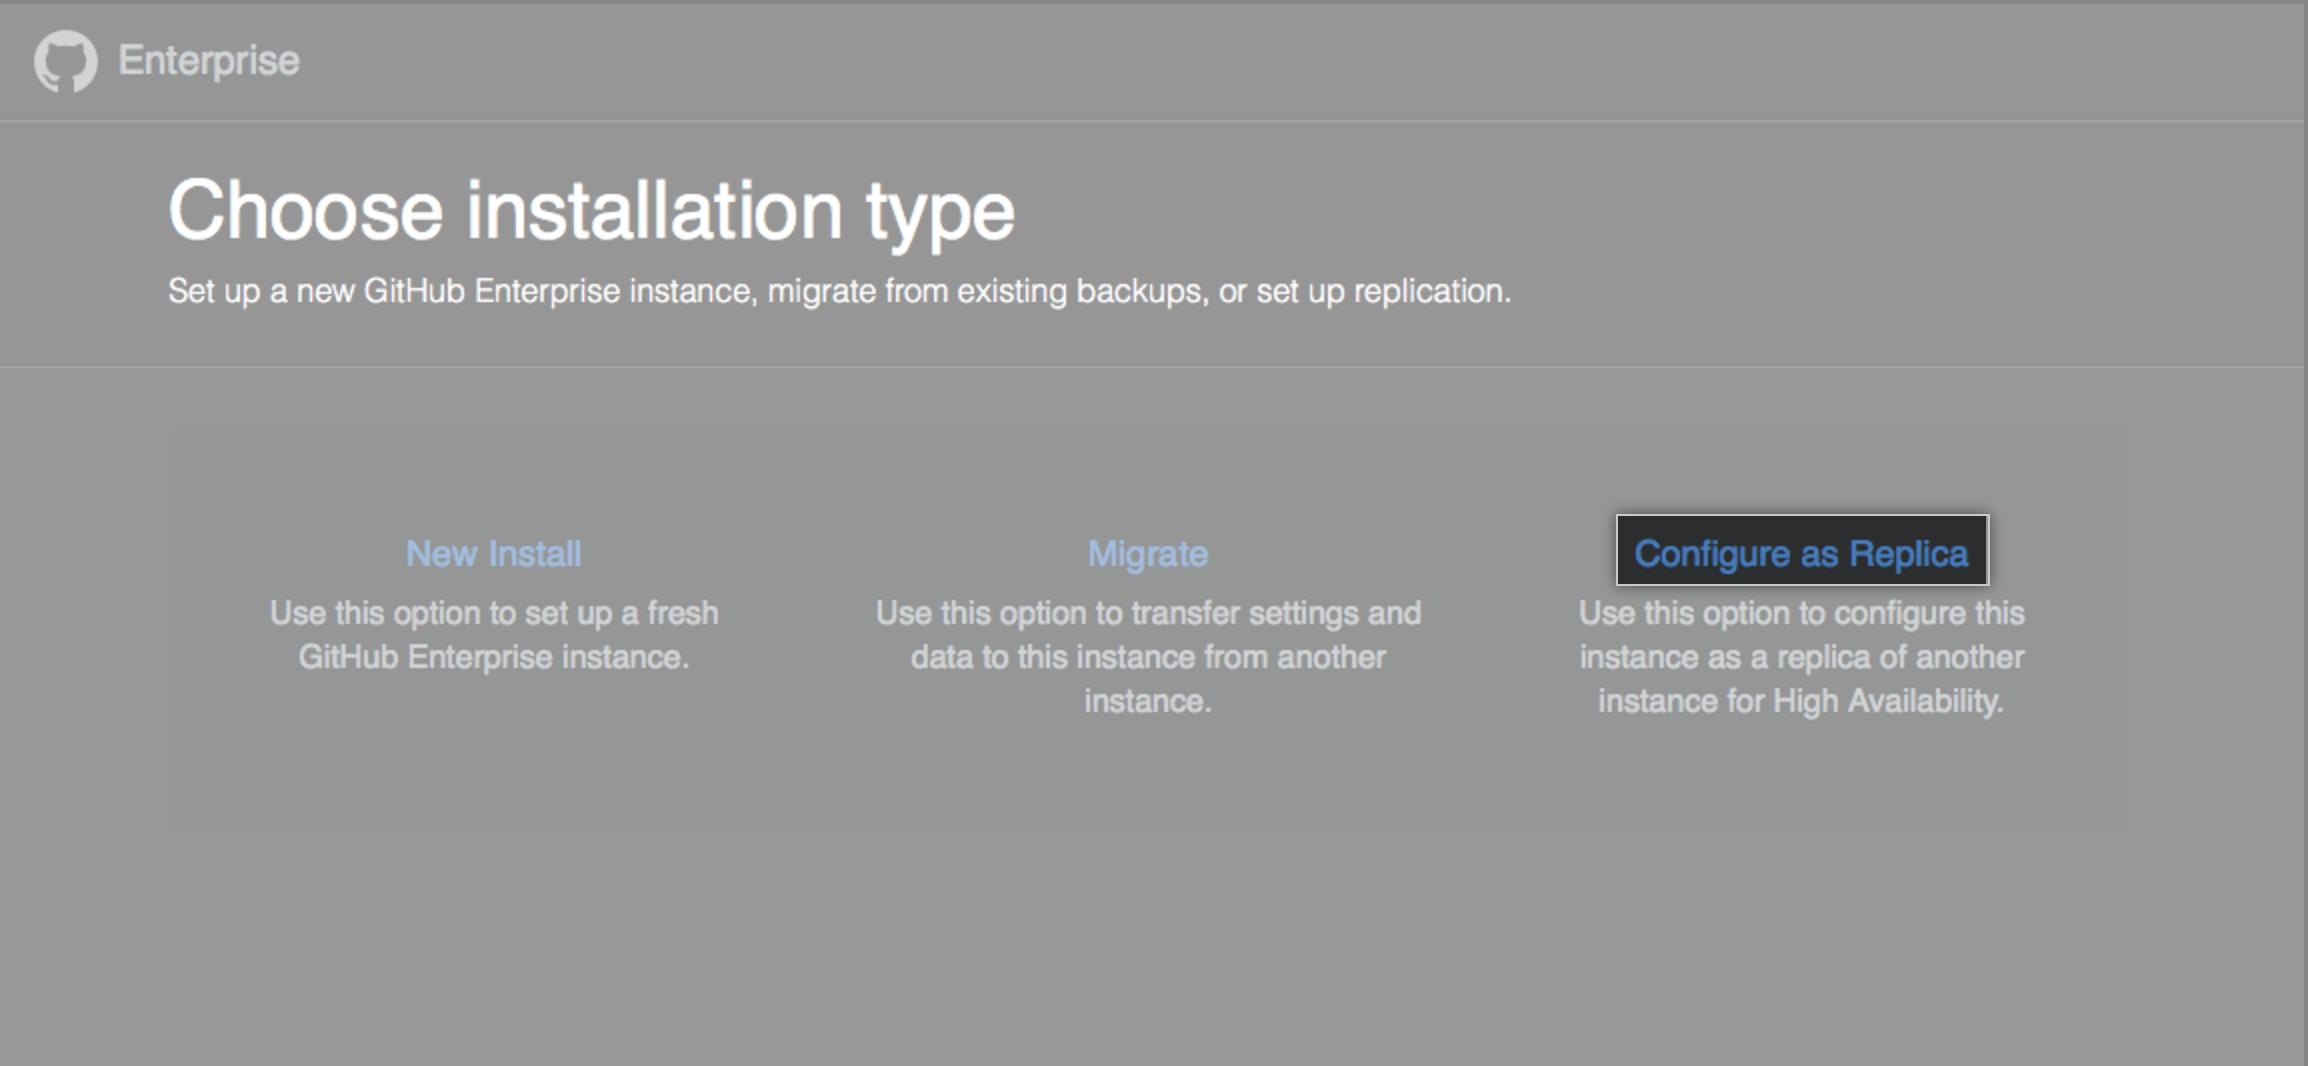 新しいインスタンスをレプリカとして設定するリンクを持つインストールオプション